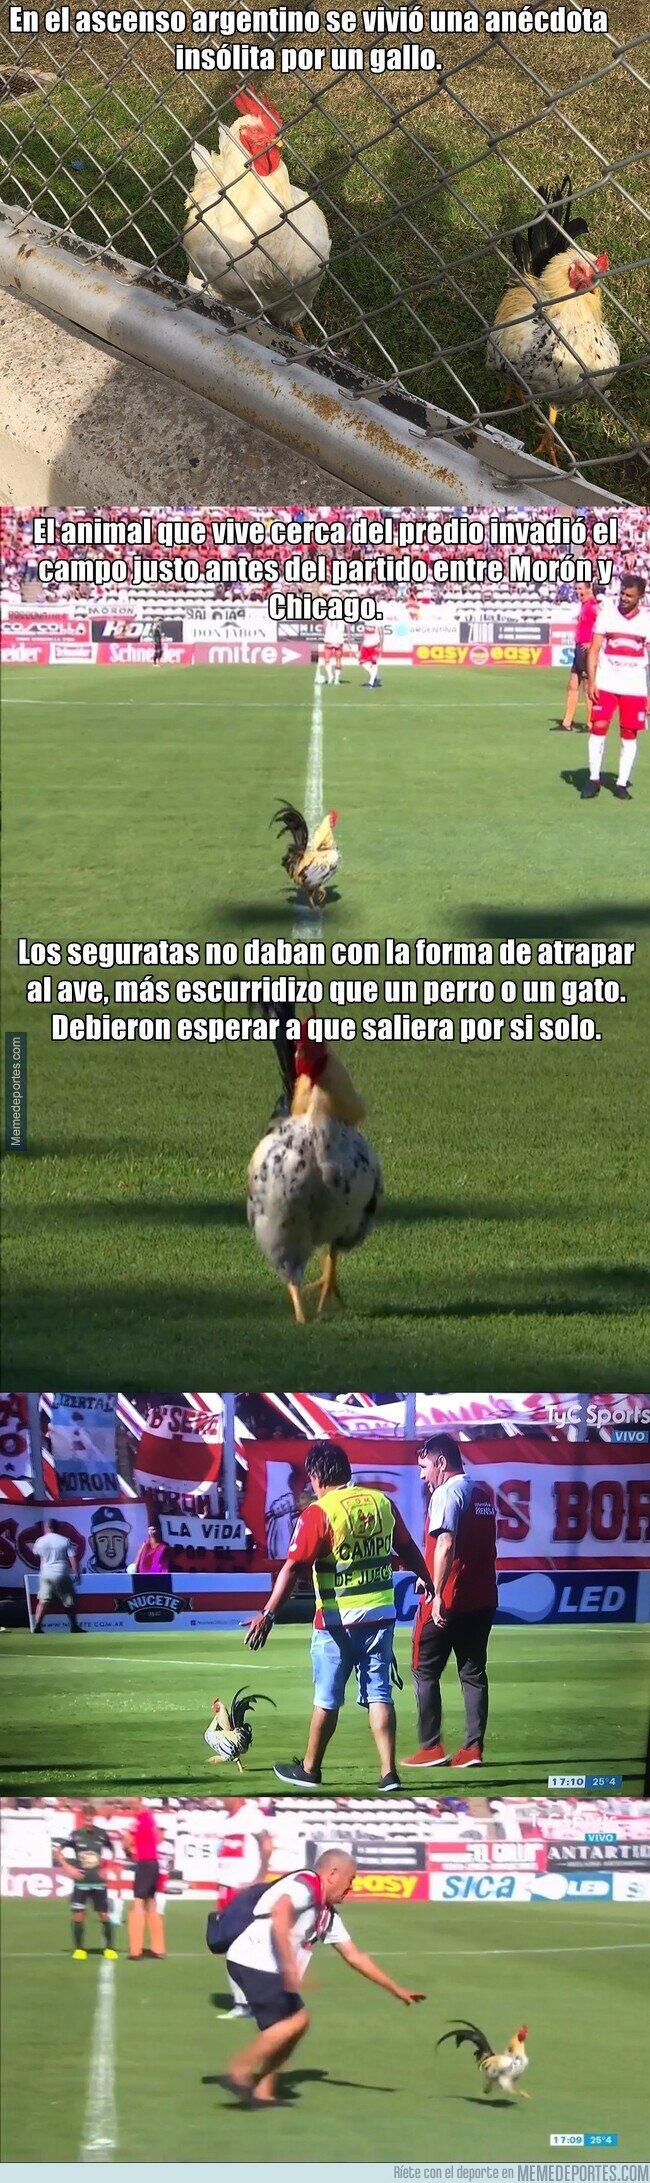 1098098 - El gallo que paró un partido en Argentina